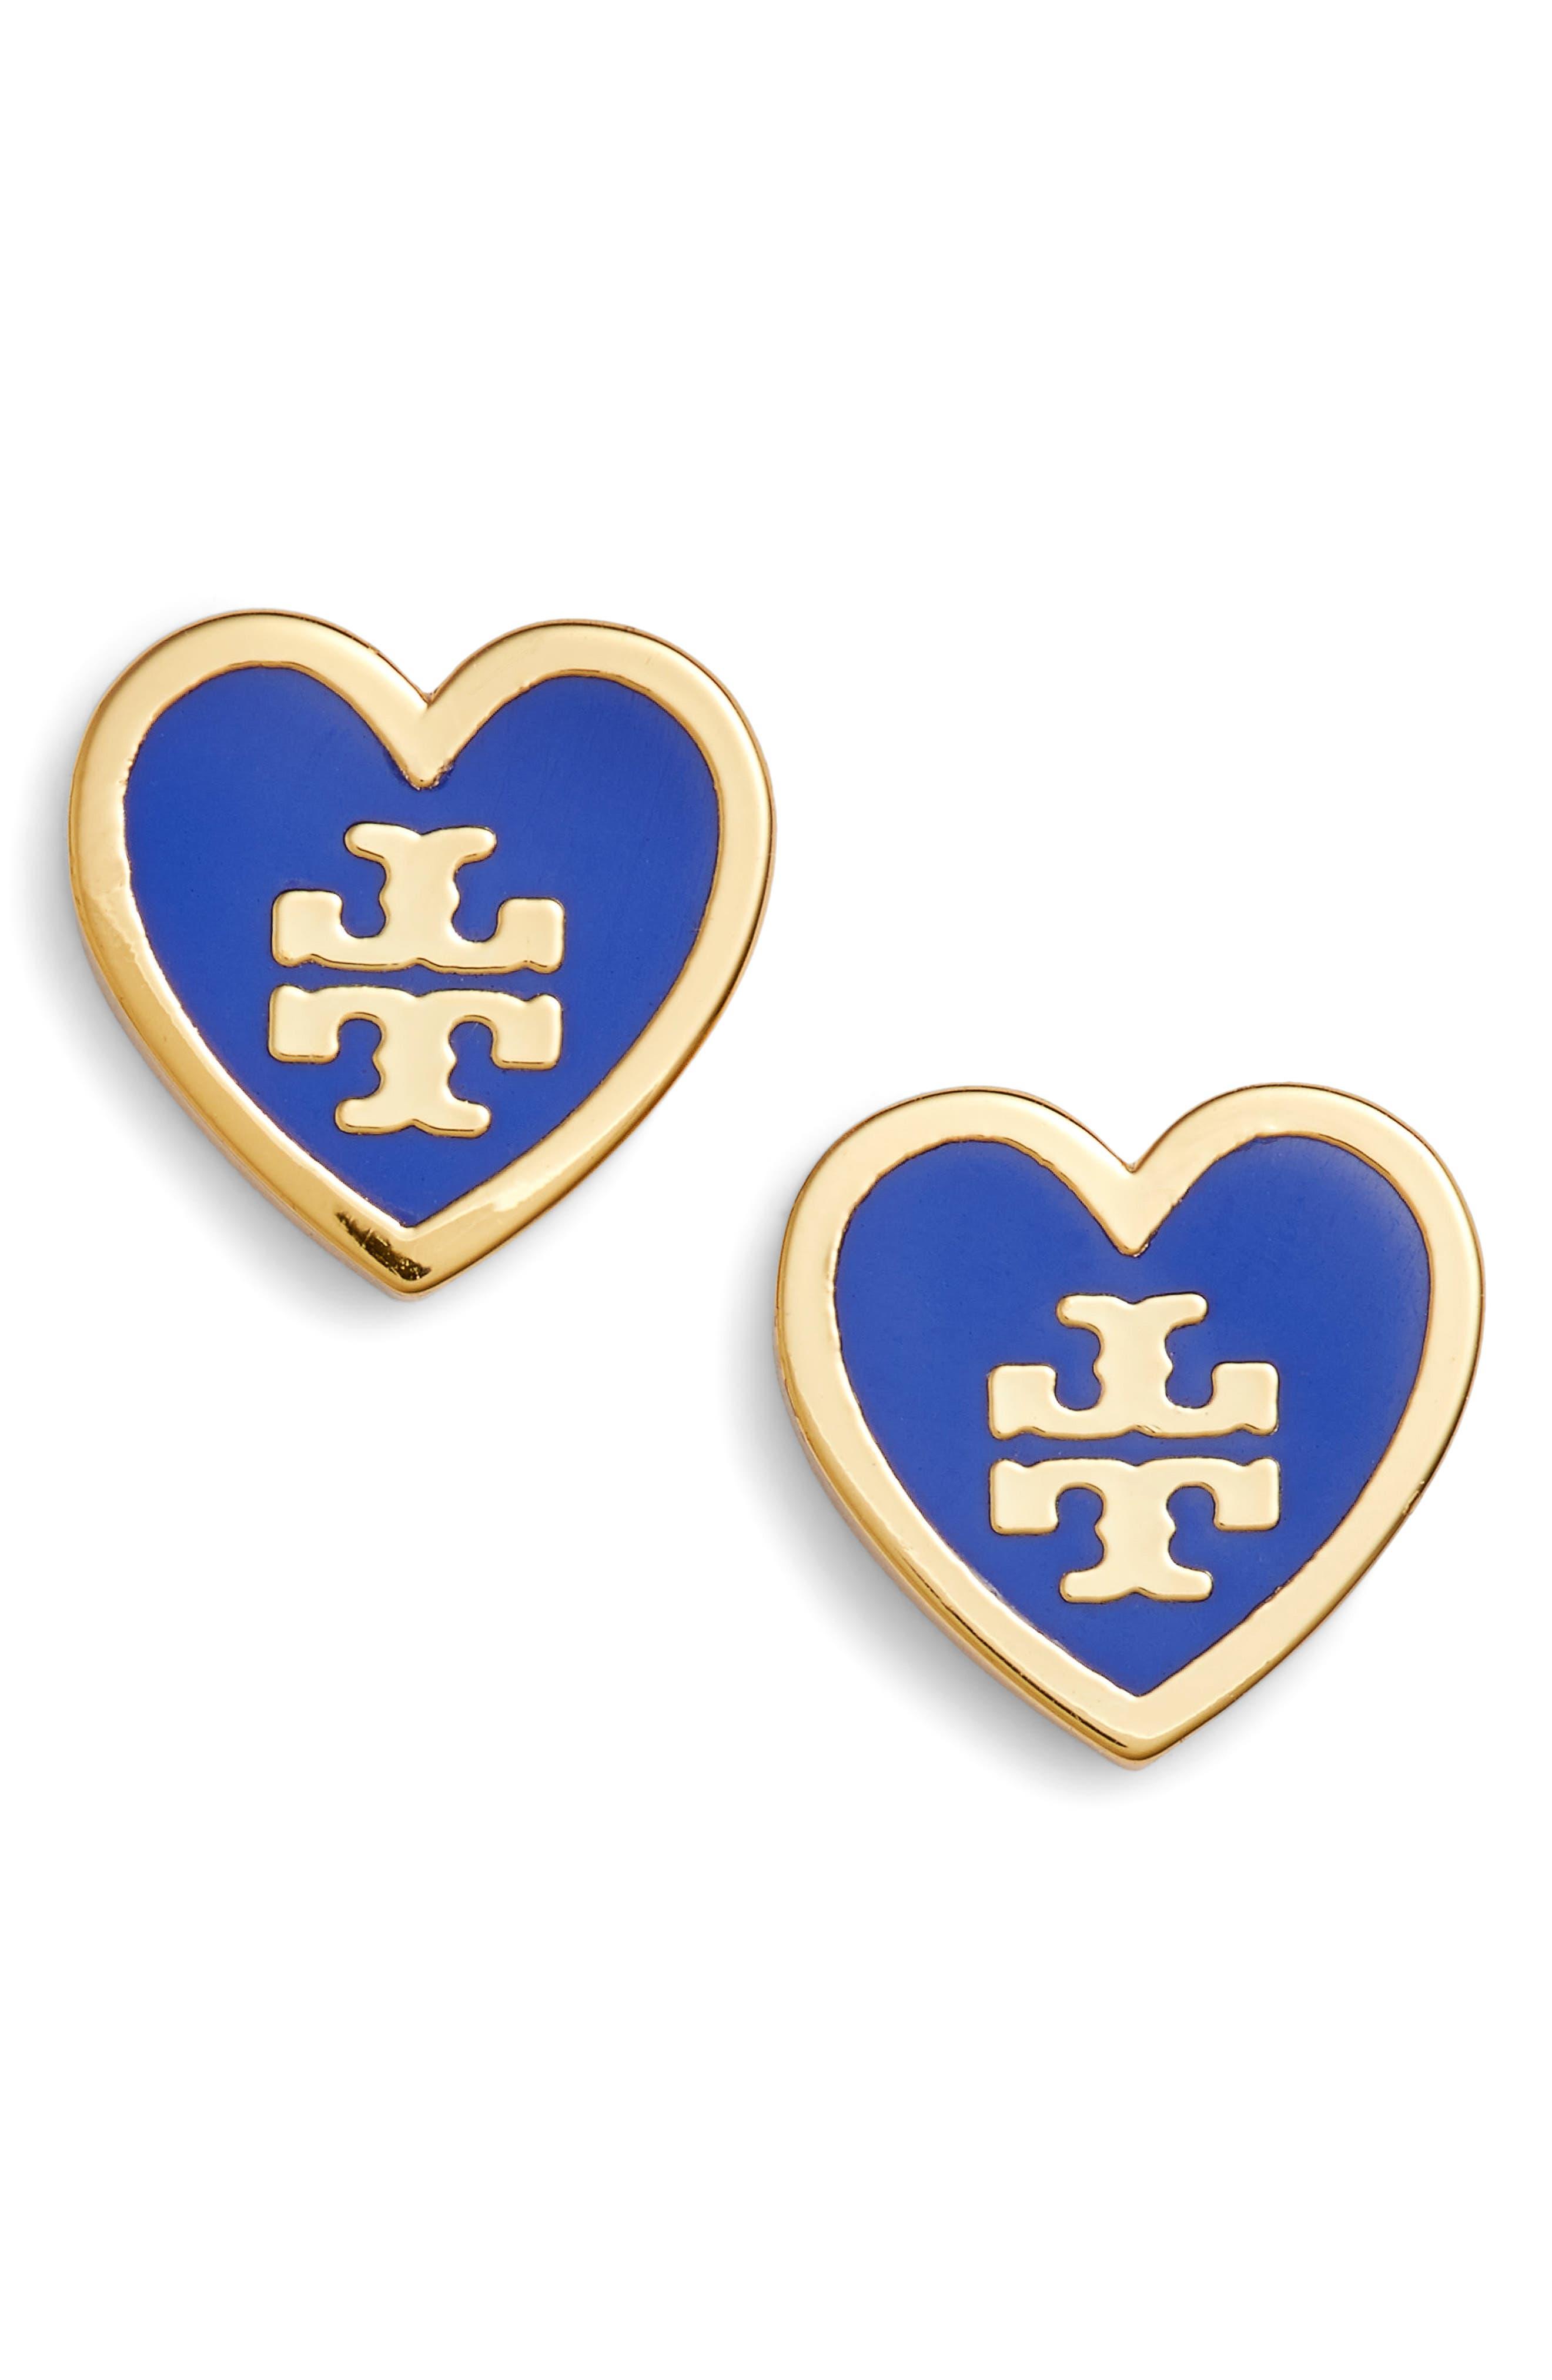 Logo Heart Stud Earrings,                             Main thumbnail 1, color,                             Blue Dahlia / Tory Gold